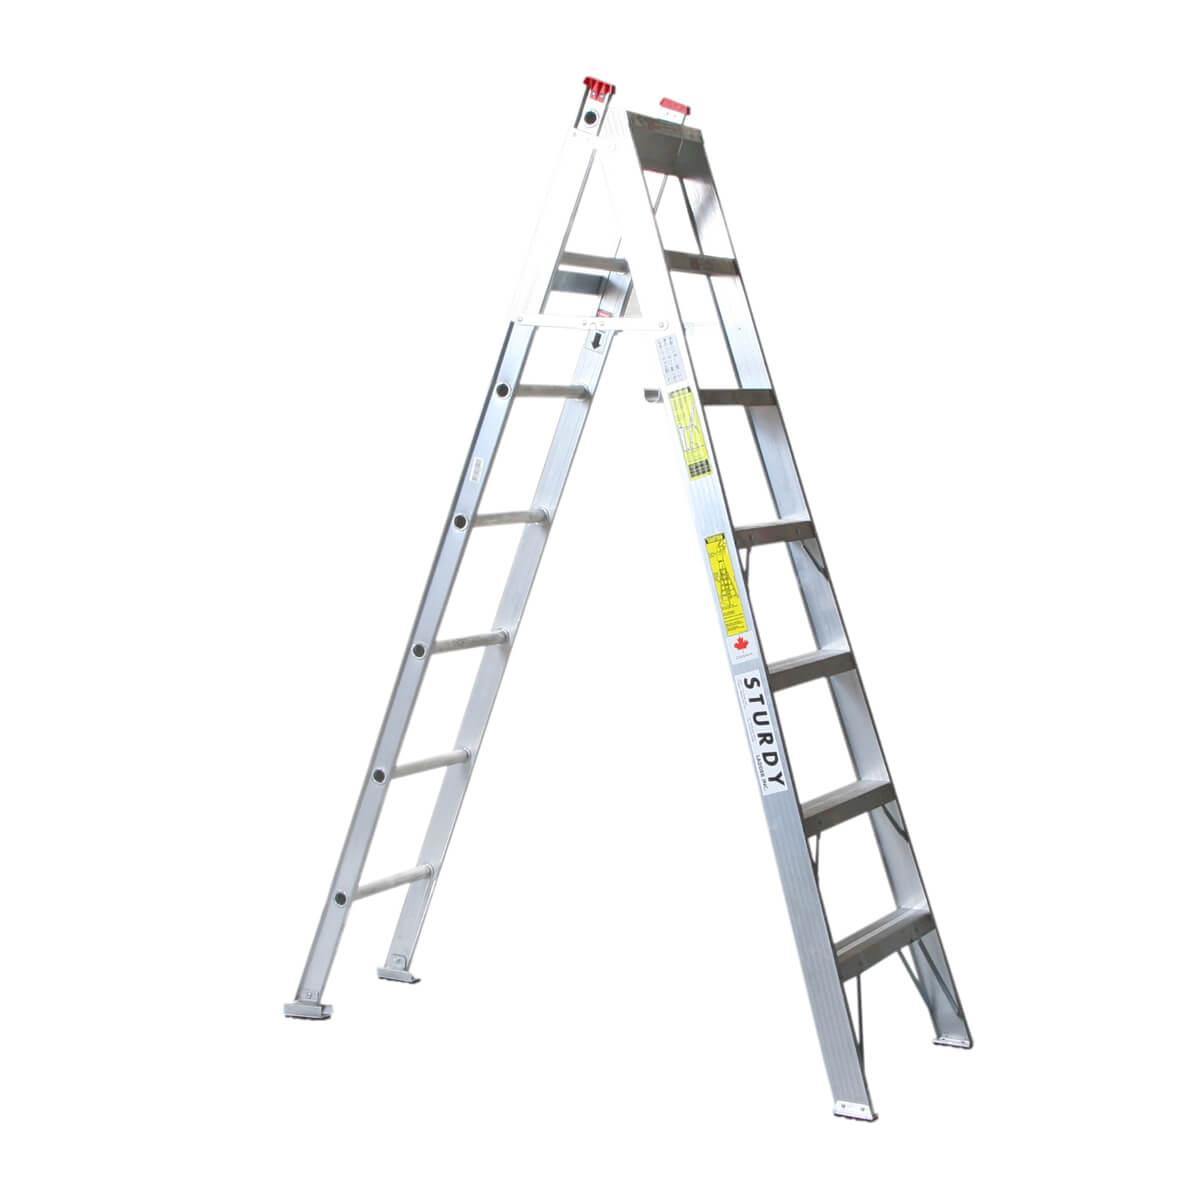 7' Aluminum Multiway Ladder